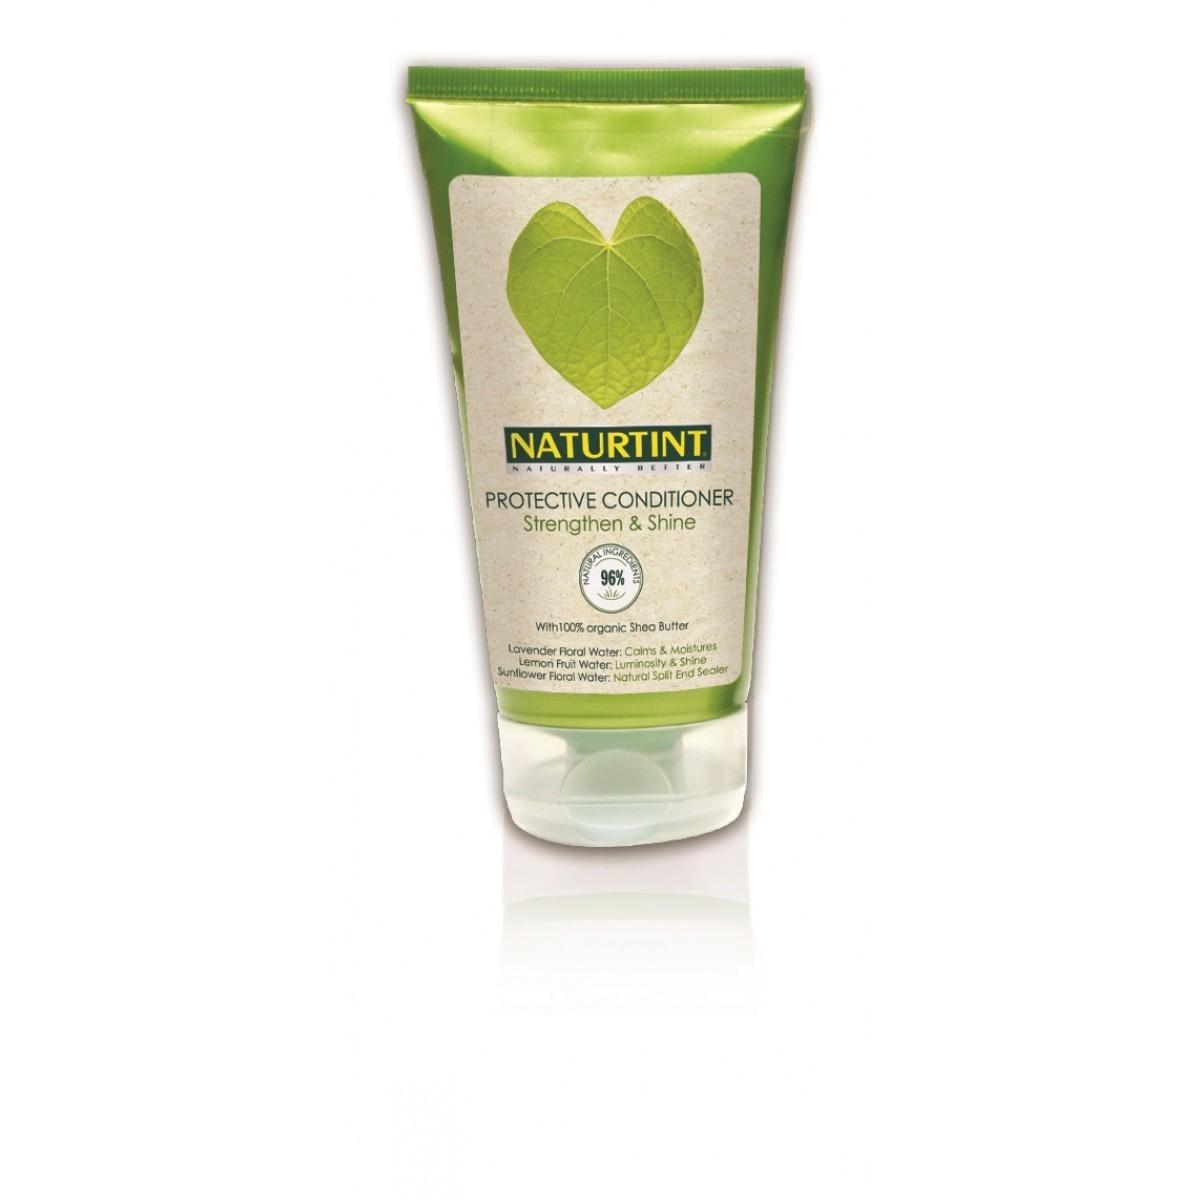 קרם CC לשיער נטורטינט Naturtint CC Cream